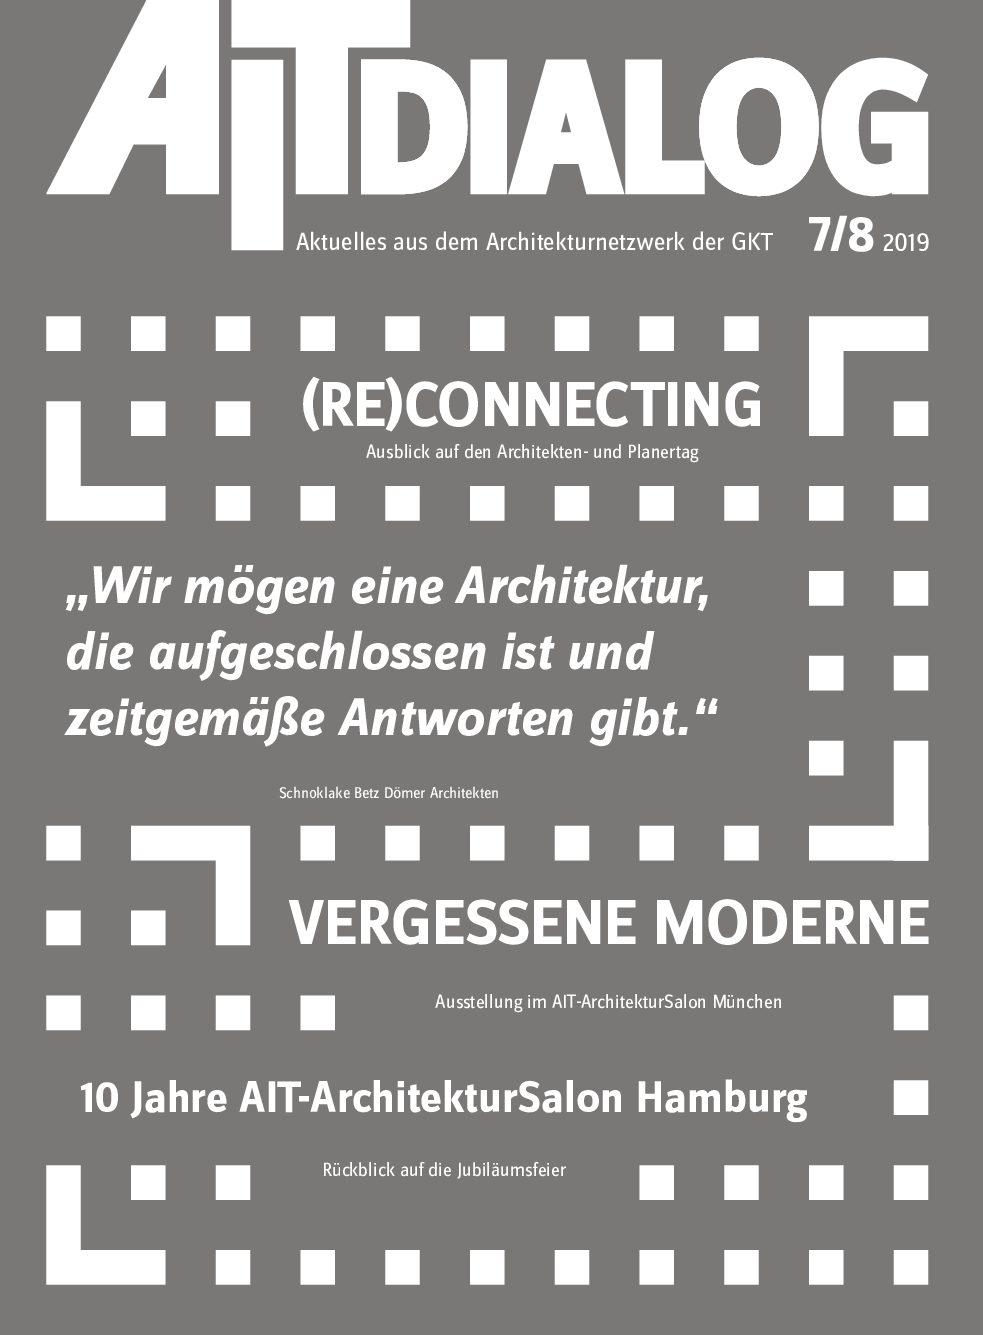 AIT-Dialog Magazin 7_8/2019